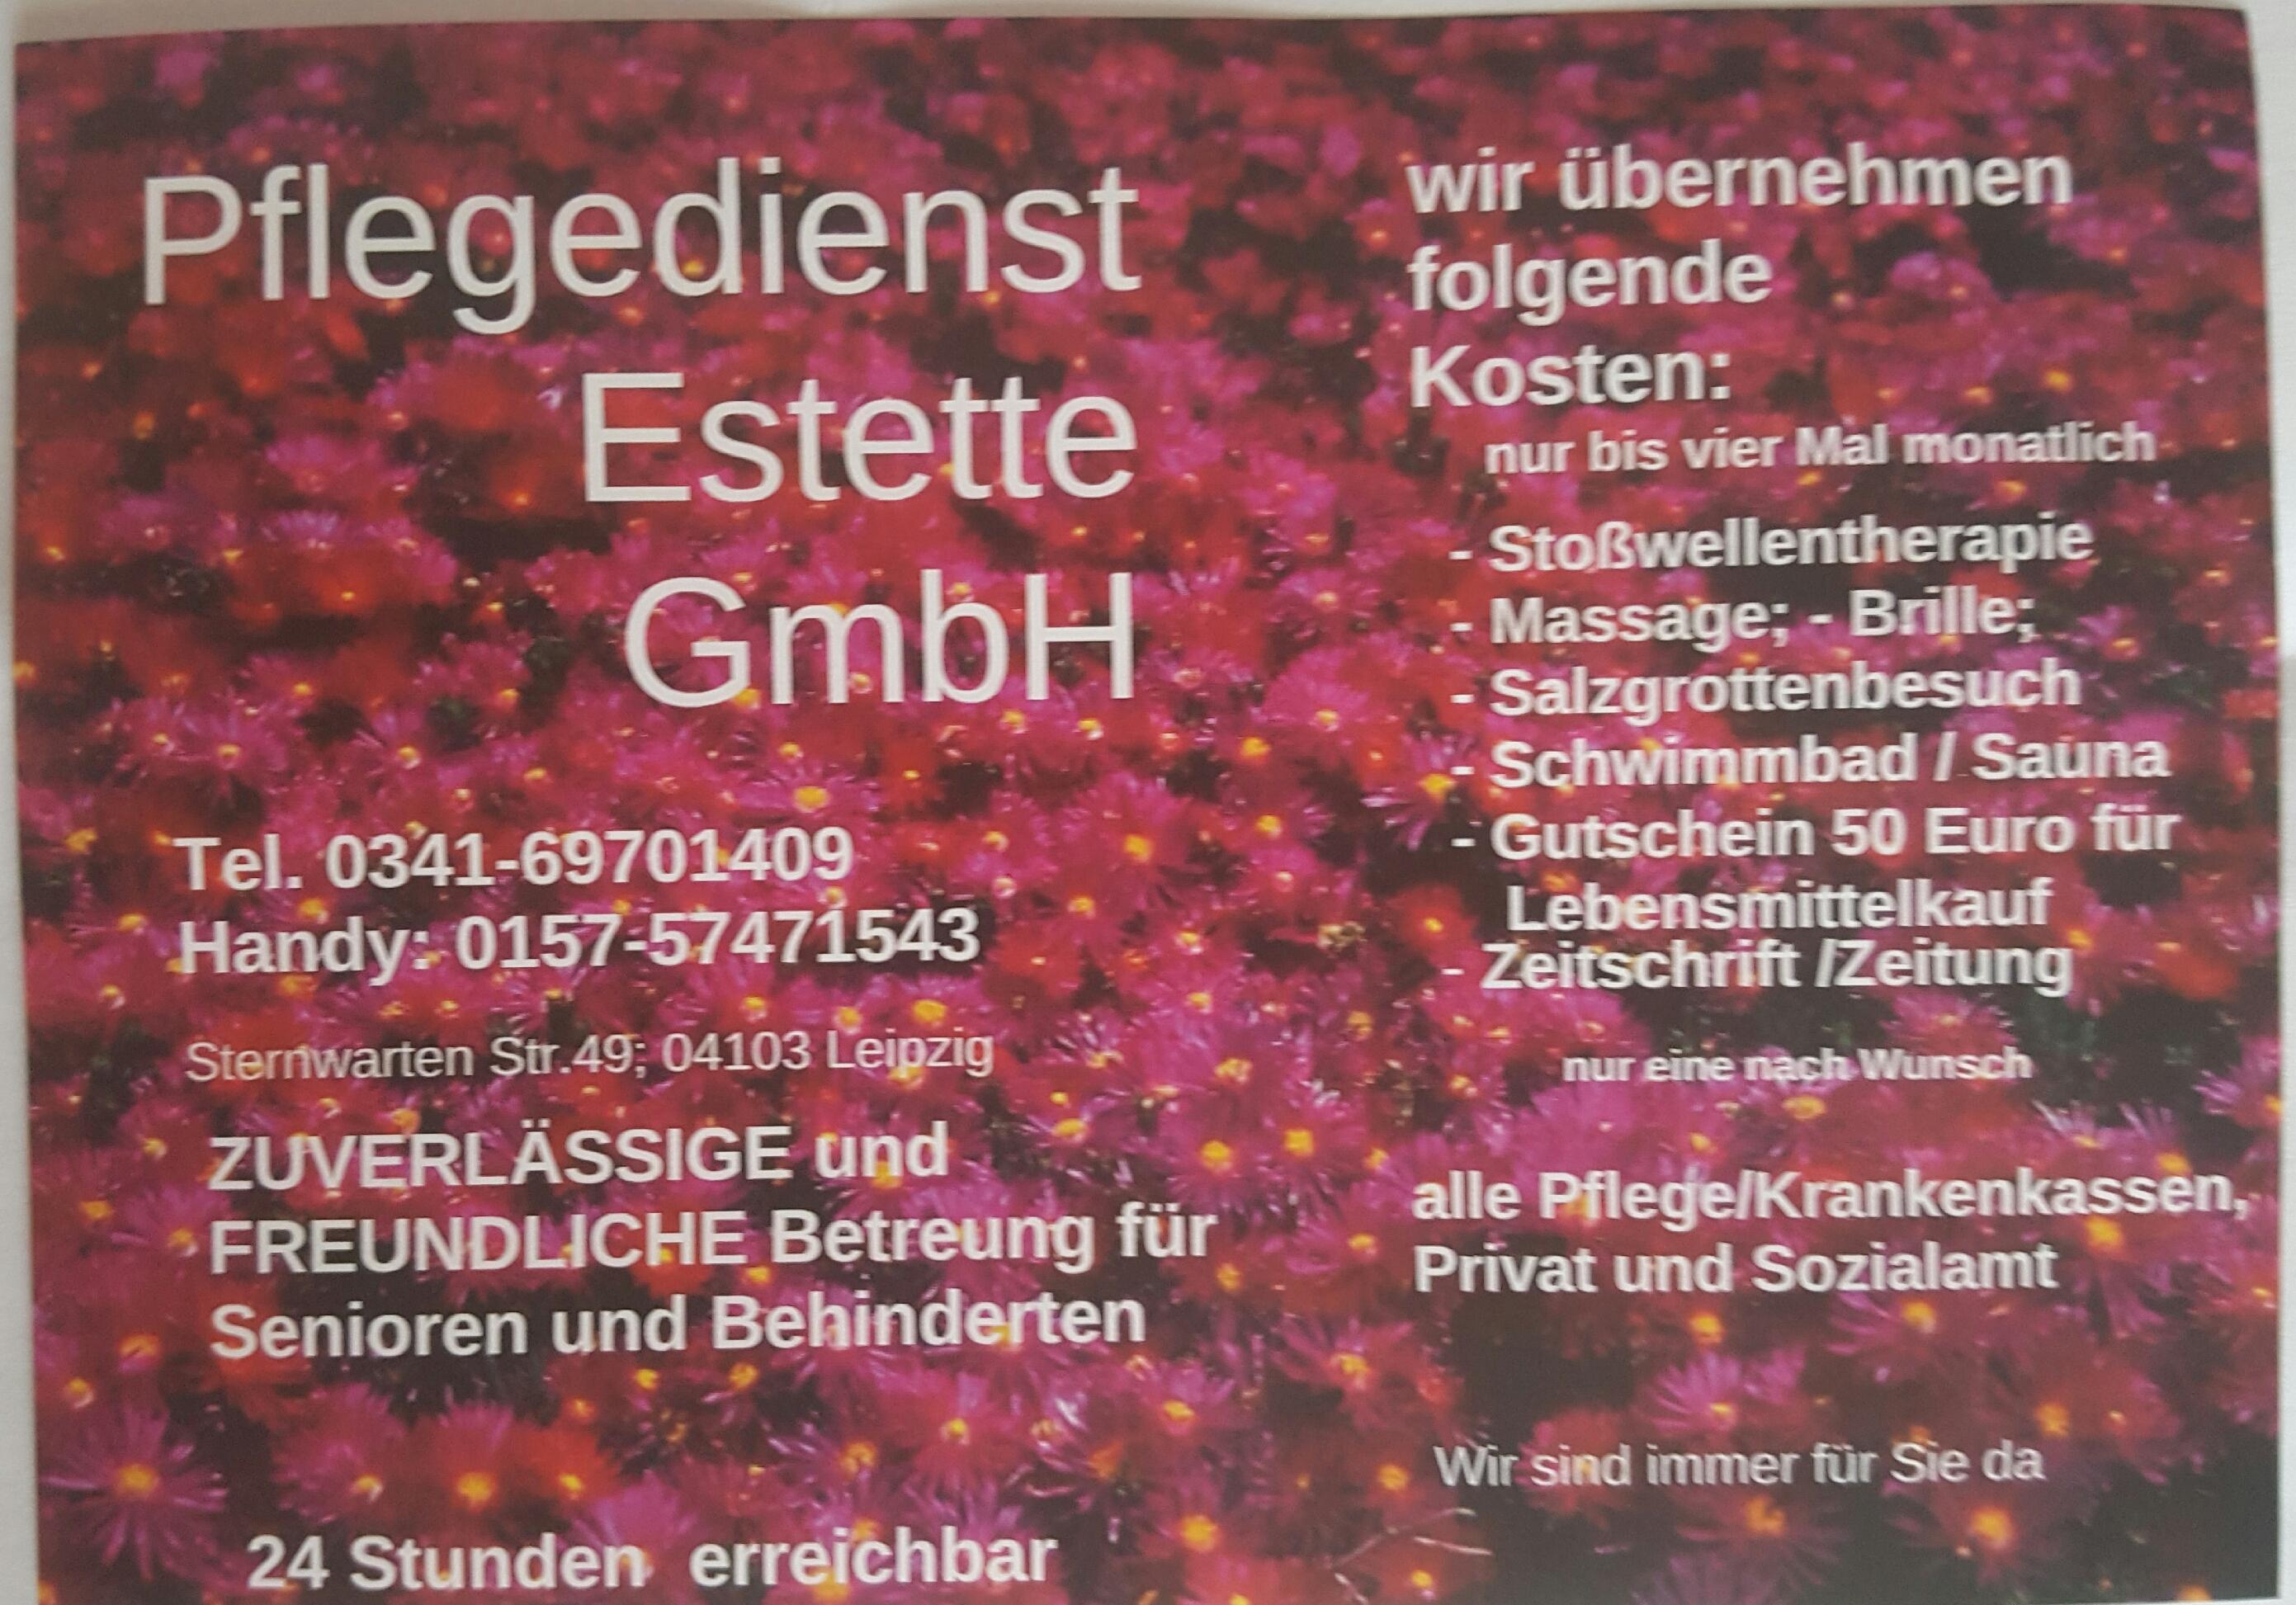 ambulanter Pflegedienst Estette GmbH